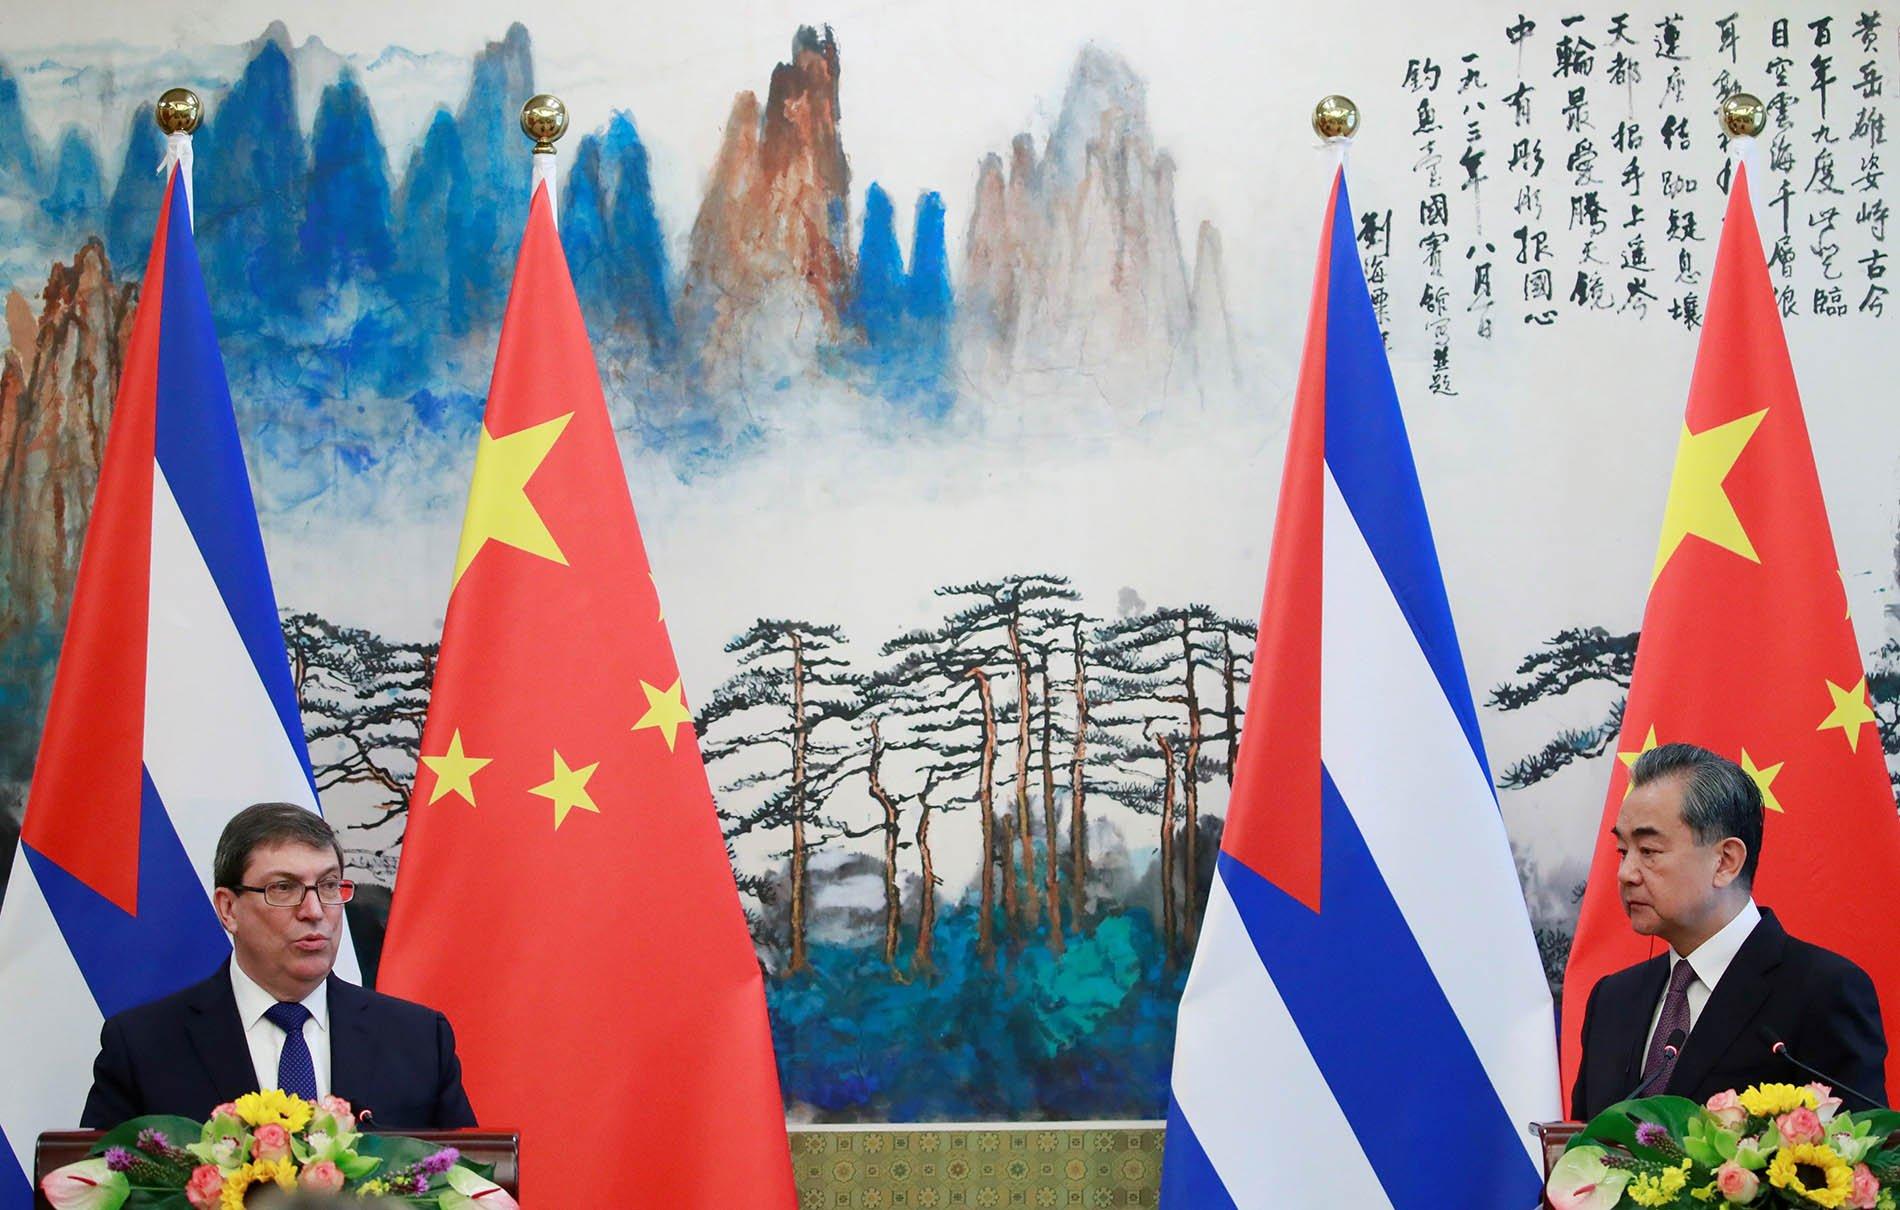 El ministro chino de Exteriores, Wang Yi (d), y su homólogo cubano, Bruno Rodriguez, tras su reunión en Beijing, el 29 de mayo de 2019. Foto: Florence Lo / Pool / EFE.